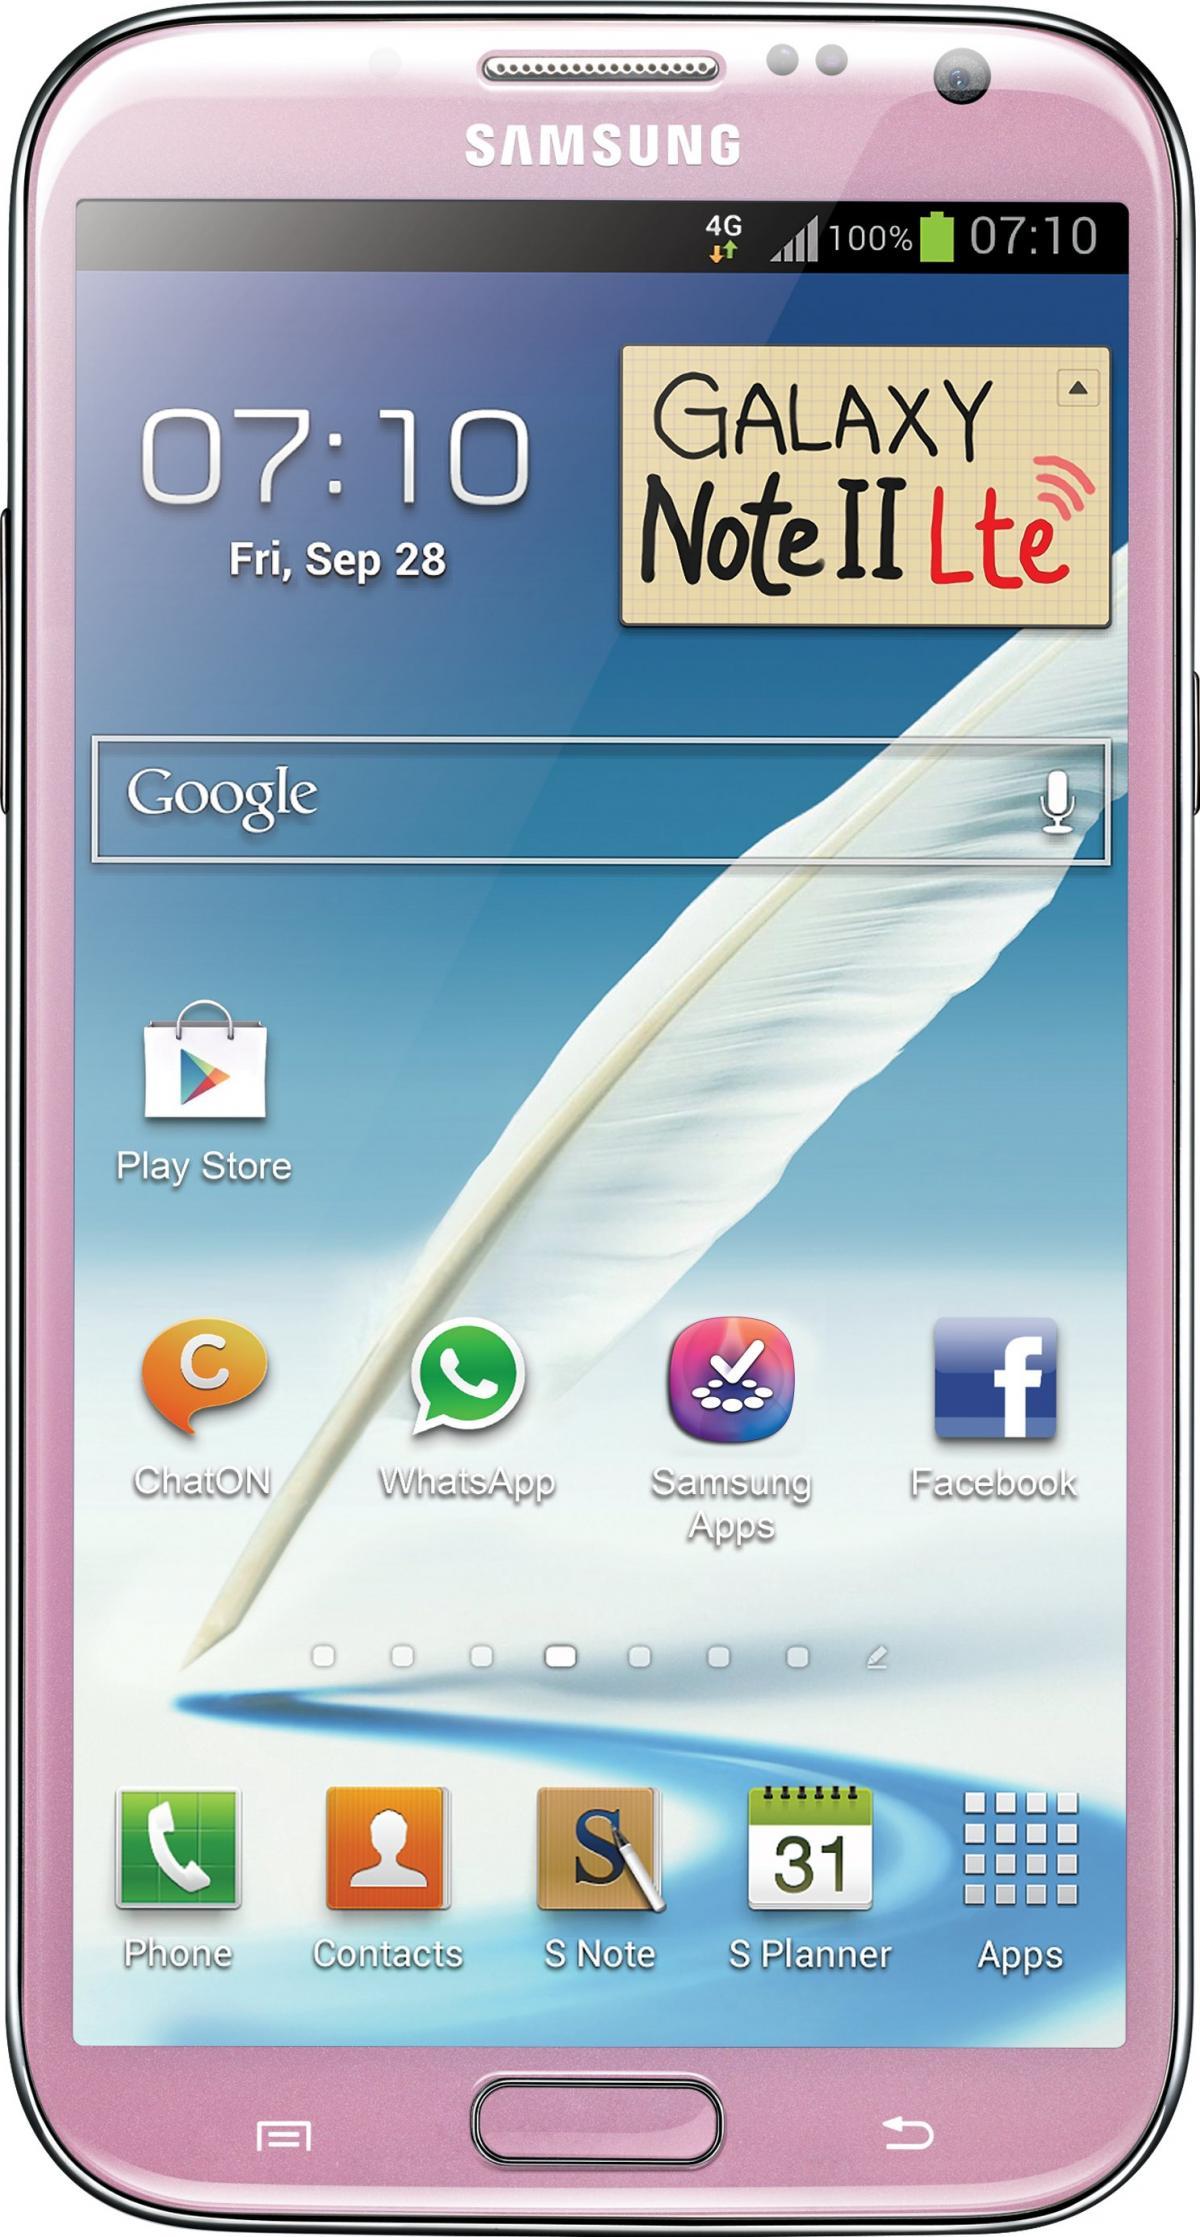 Galaxy Note 2 LTE (International) GT-N7105